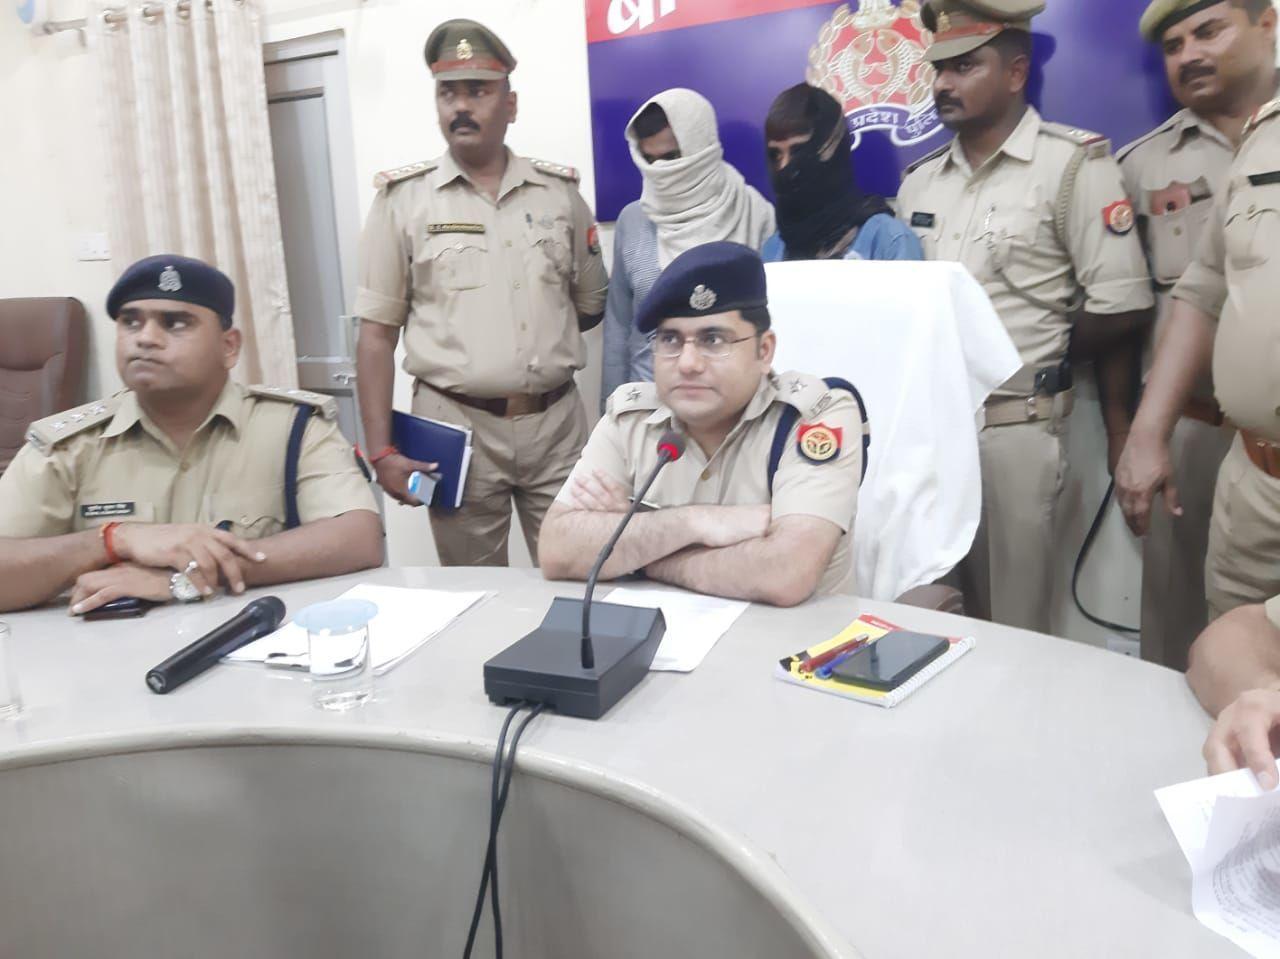 बाराबंकी पुलिस ने सनसनीखेज दोहरे हत्याकाण्ड का किया खुलासा, पच्चीस हजार के इनामिया समेत दो आरोपी गिरफ्तार